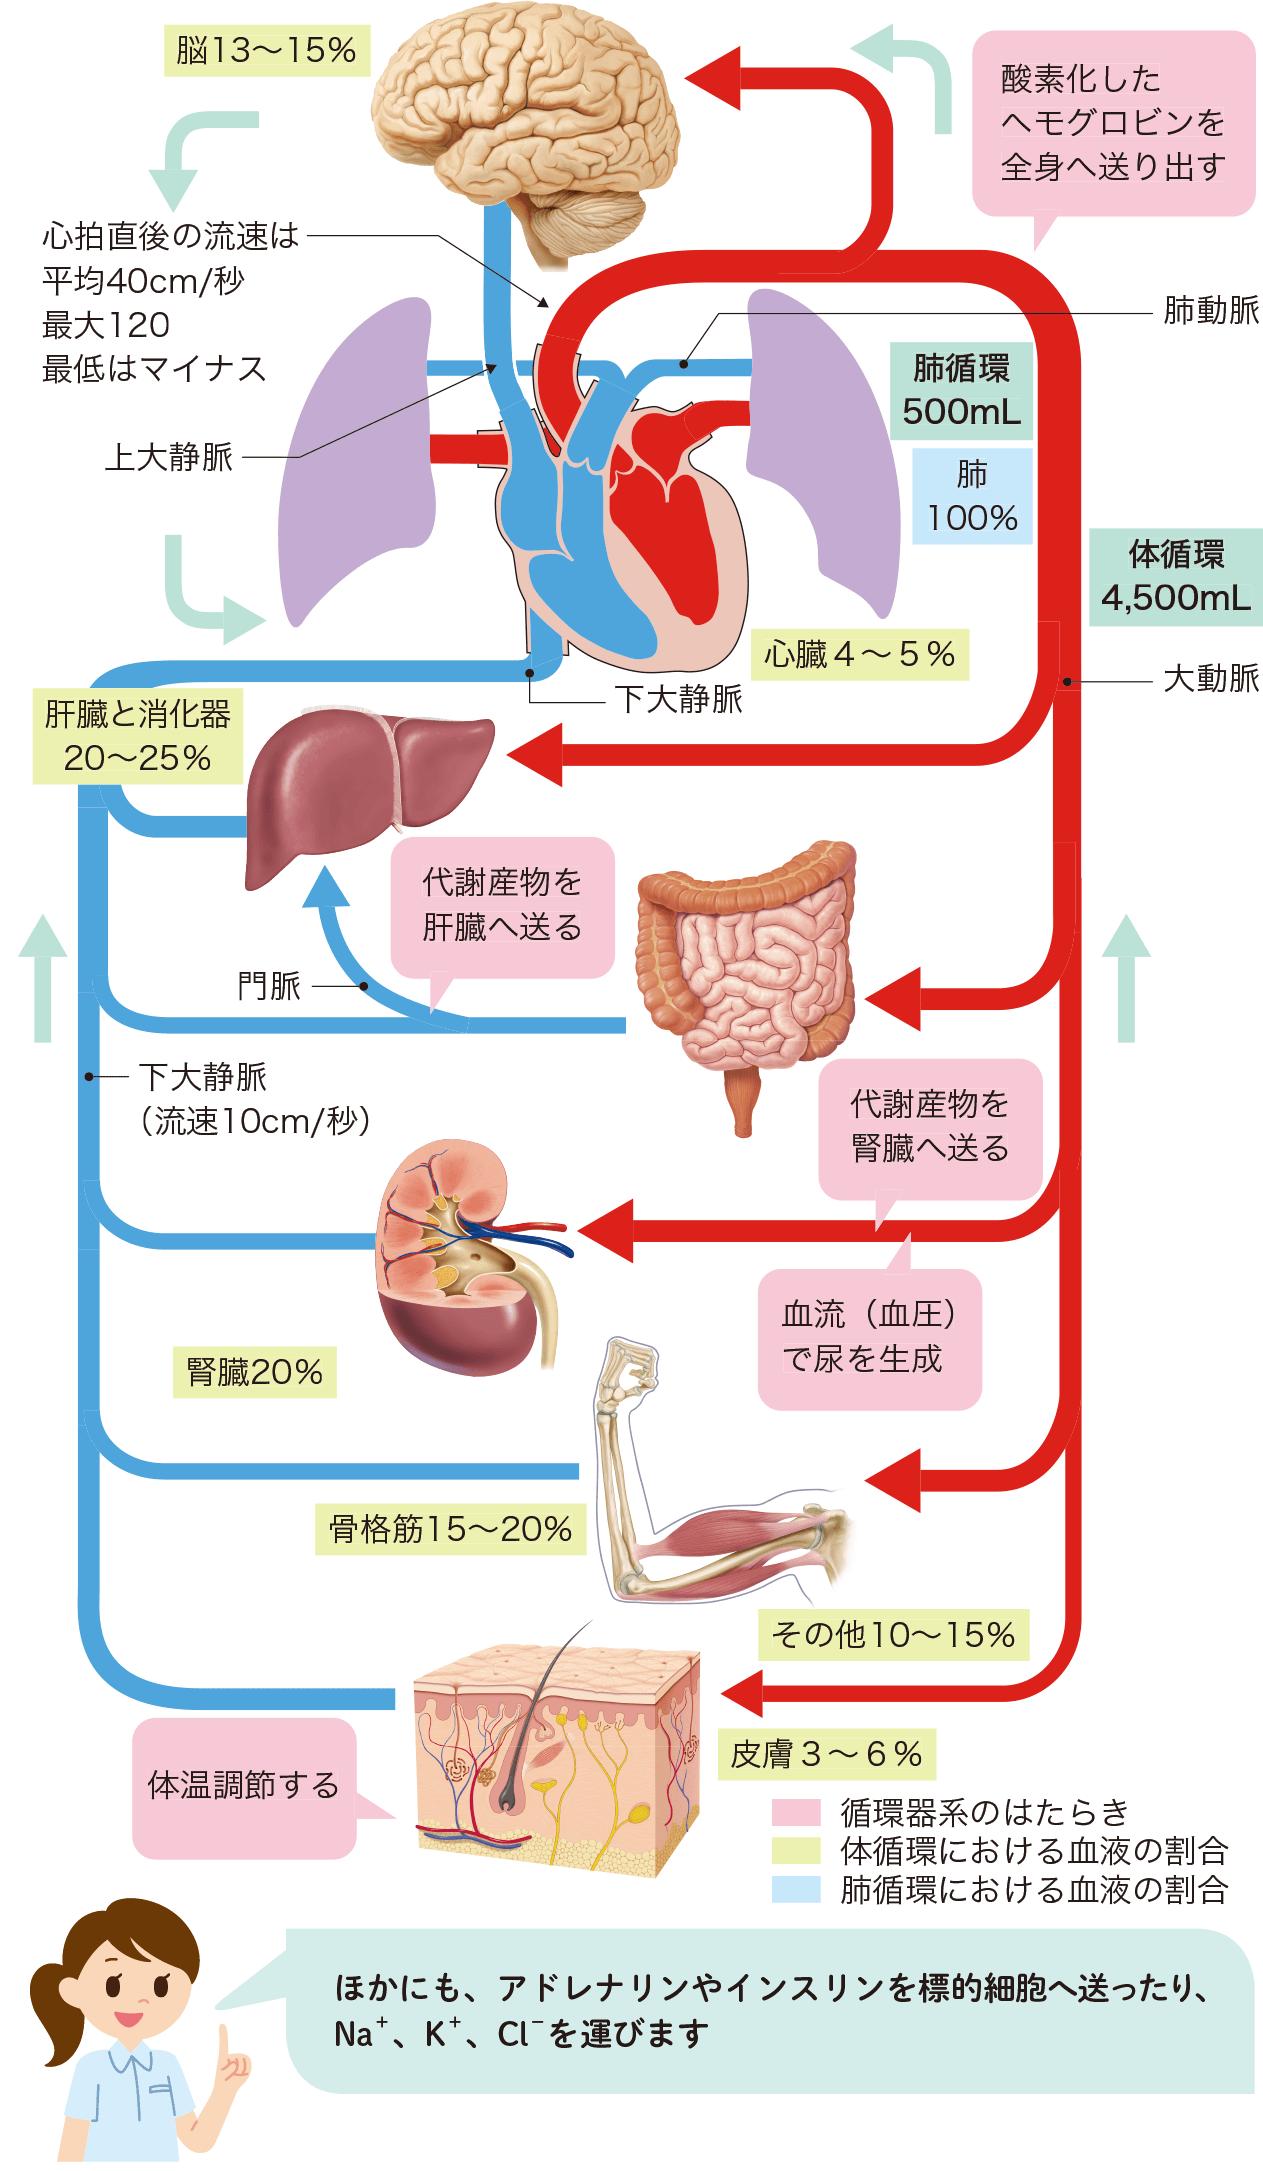 循環器系の構成・はたらきと血液分布